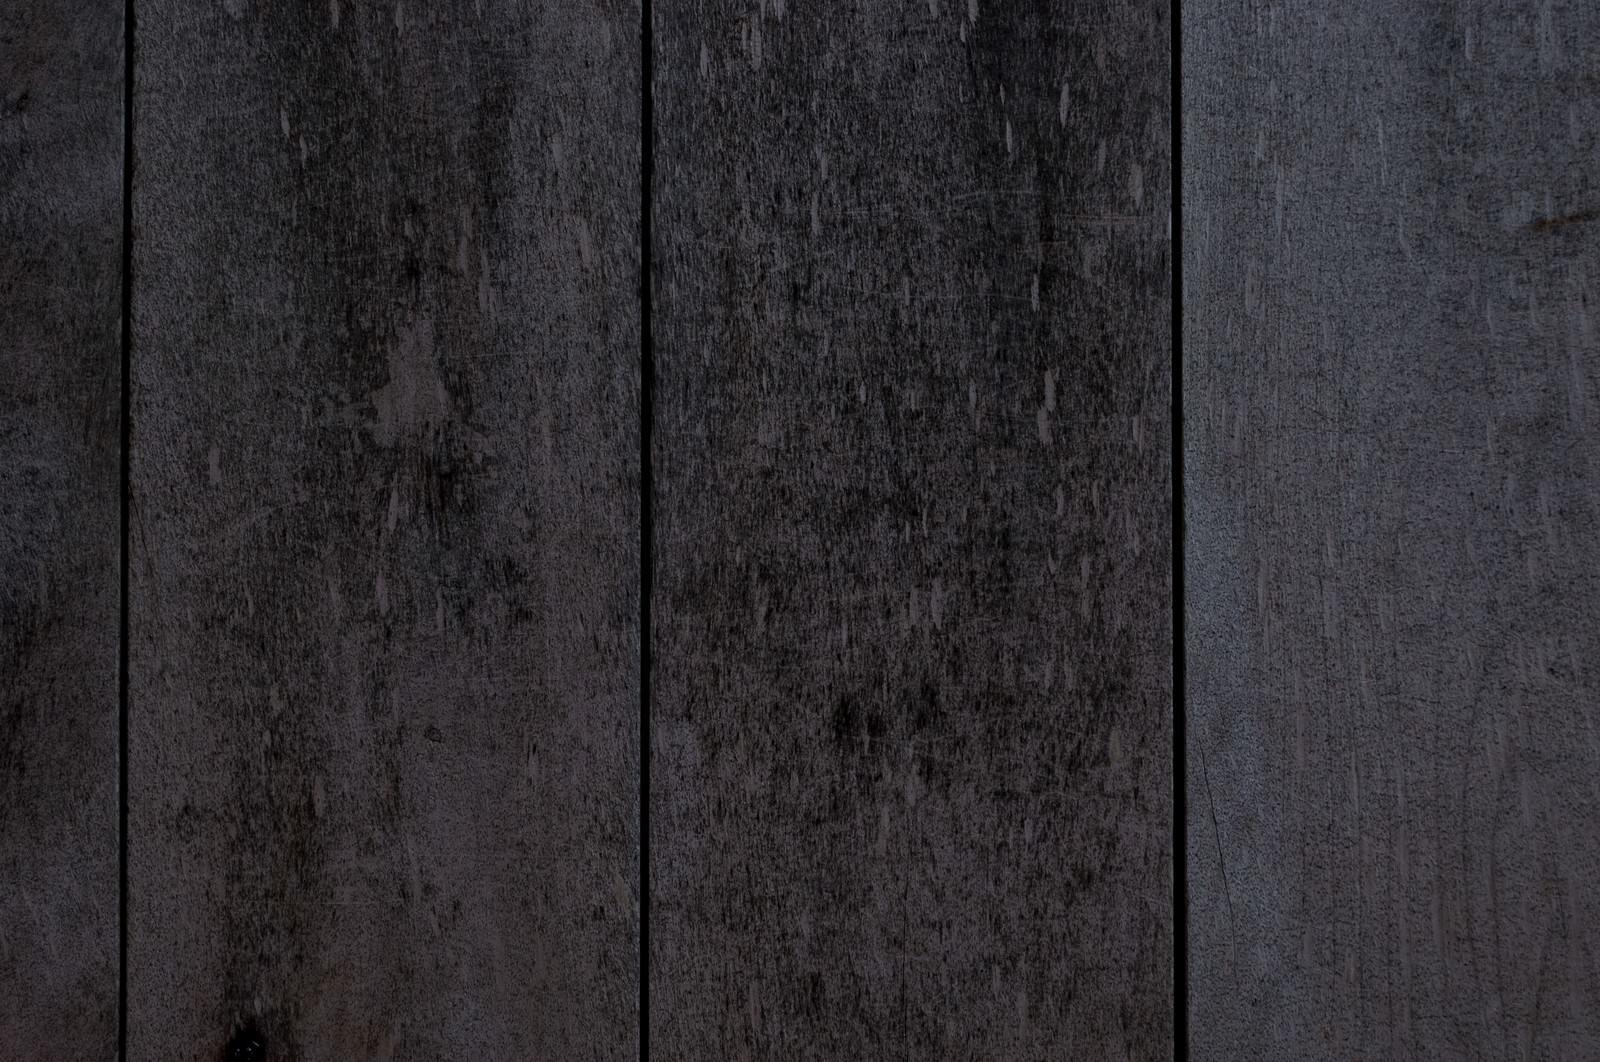 「色あせた木の壁(テクスチャ)」の写真